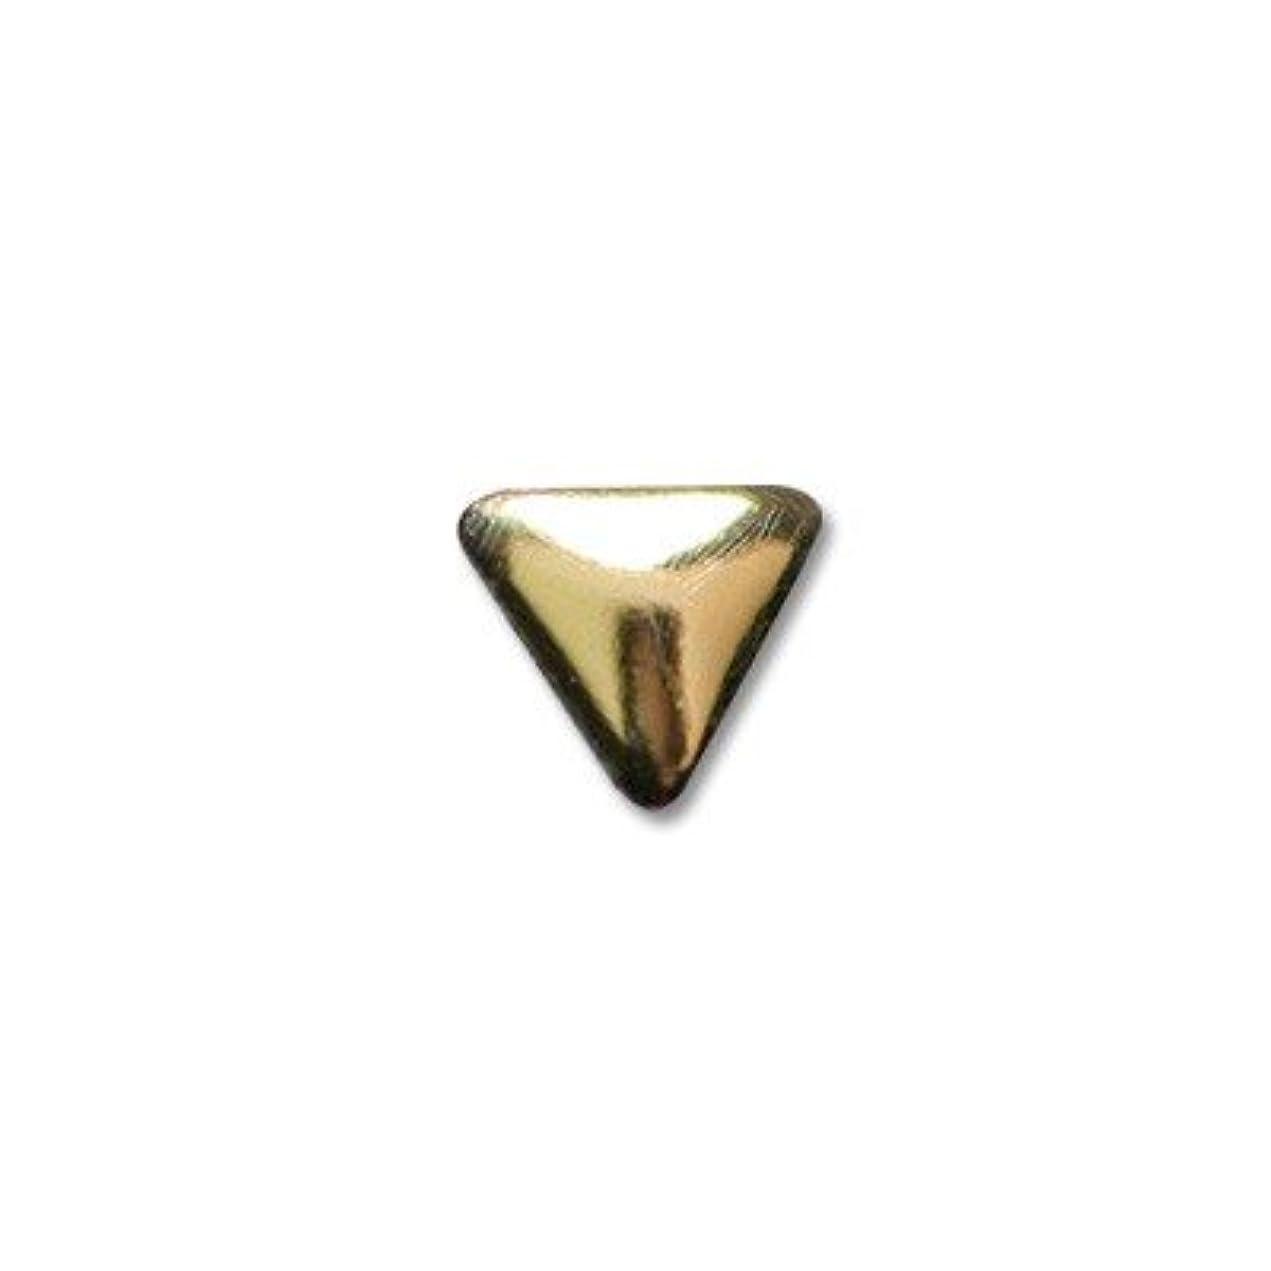 論理的に矛盾する力強いクレア NYトライアングル S ゴールド